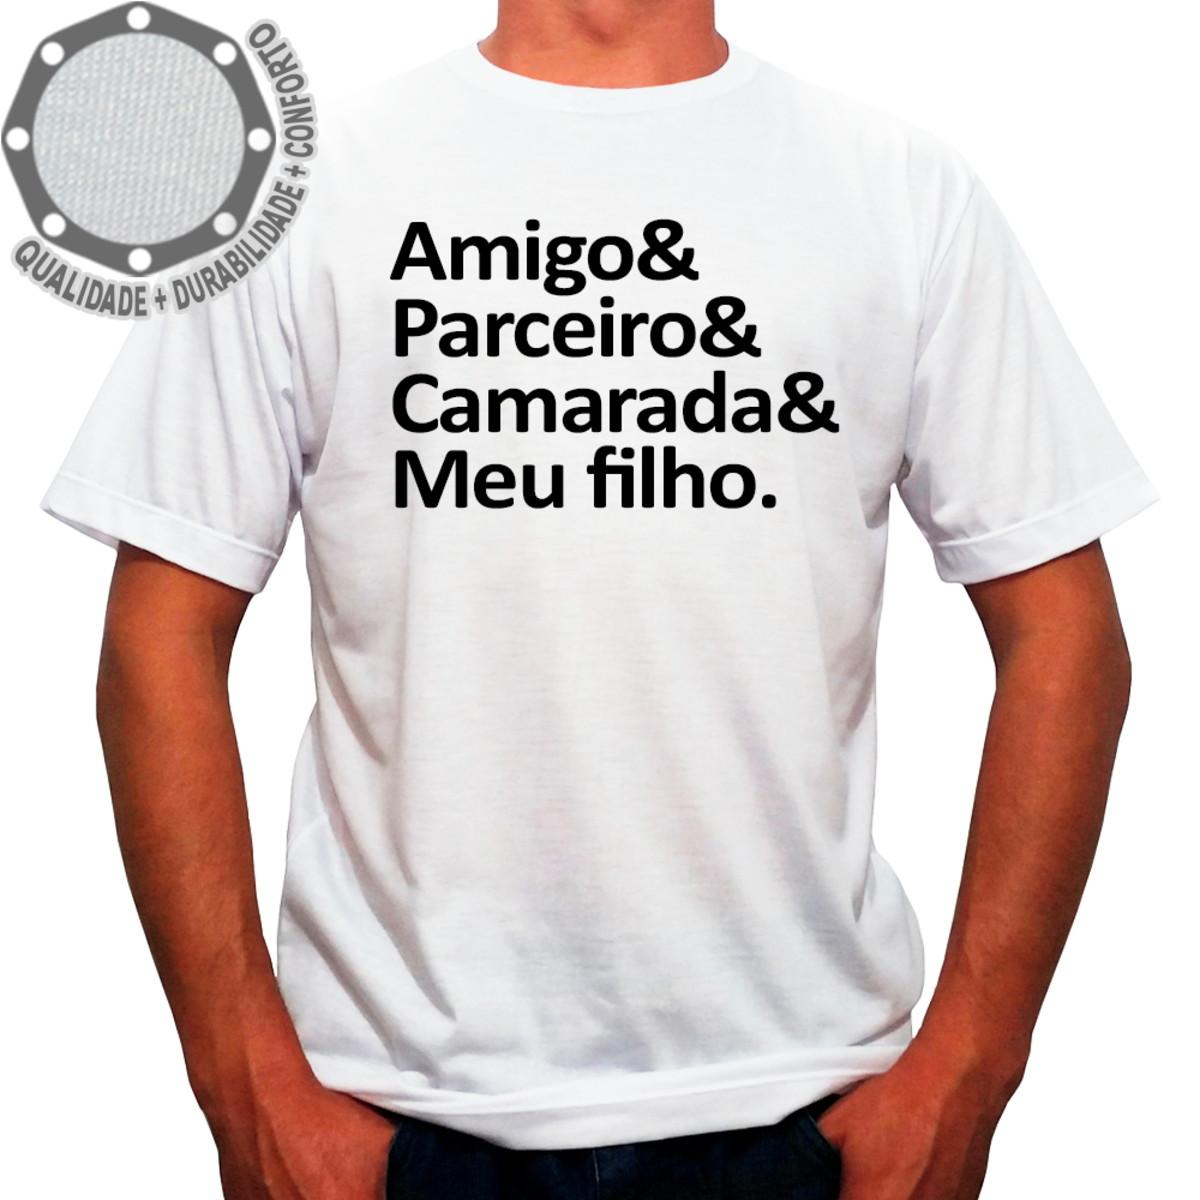 Camiseta Amigo Parceiro Camarada Meu Filho Ah01448